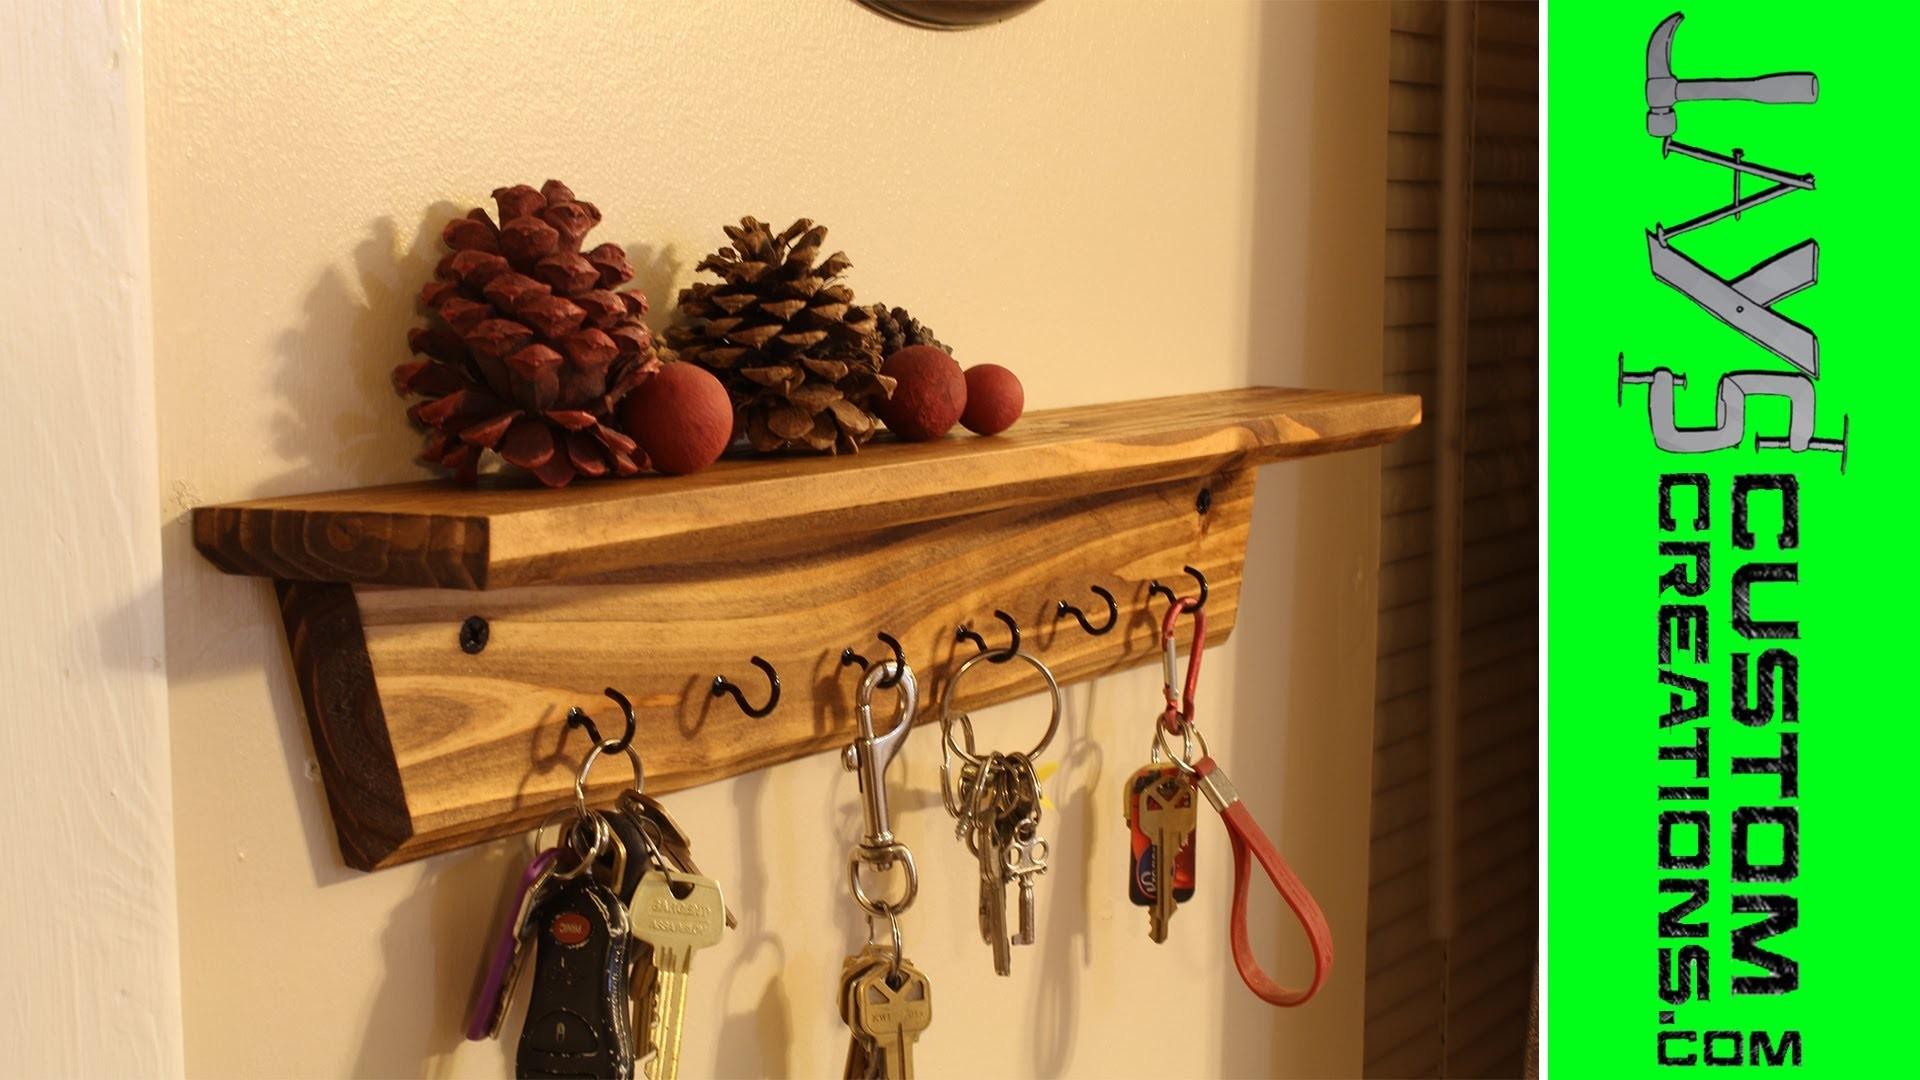 SUPER EASY Key Holder Shelves - 113